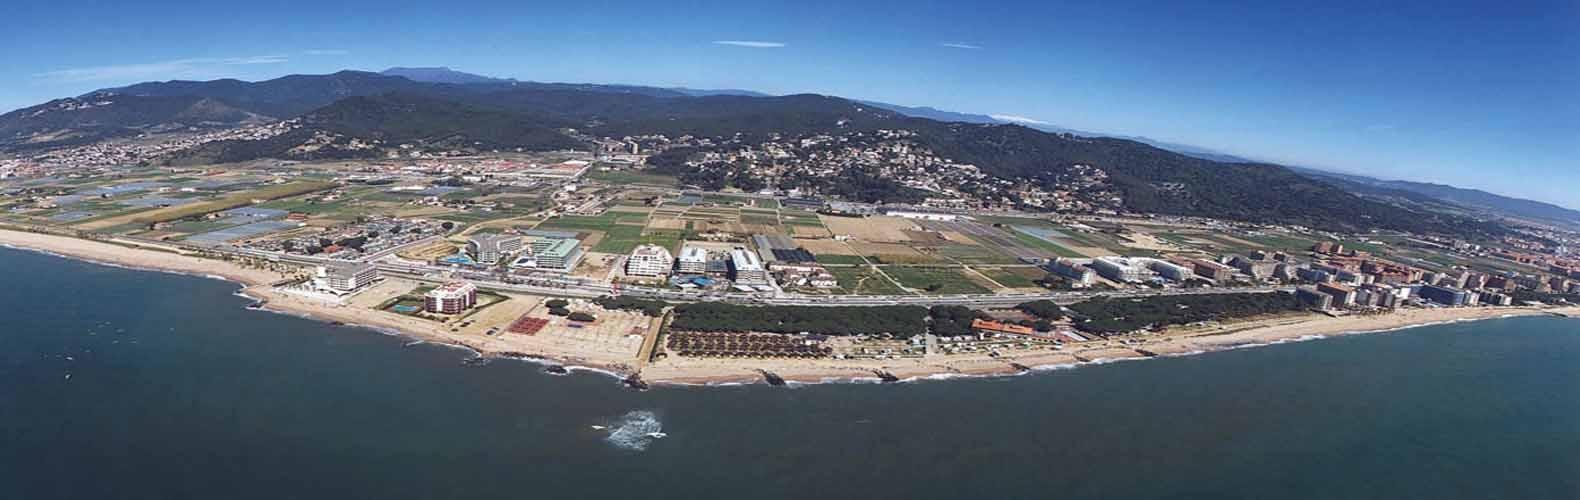 Comprar propietats a  Sitges, Castelldefels, Baix Llobregat